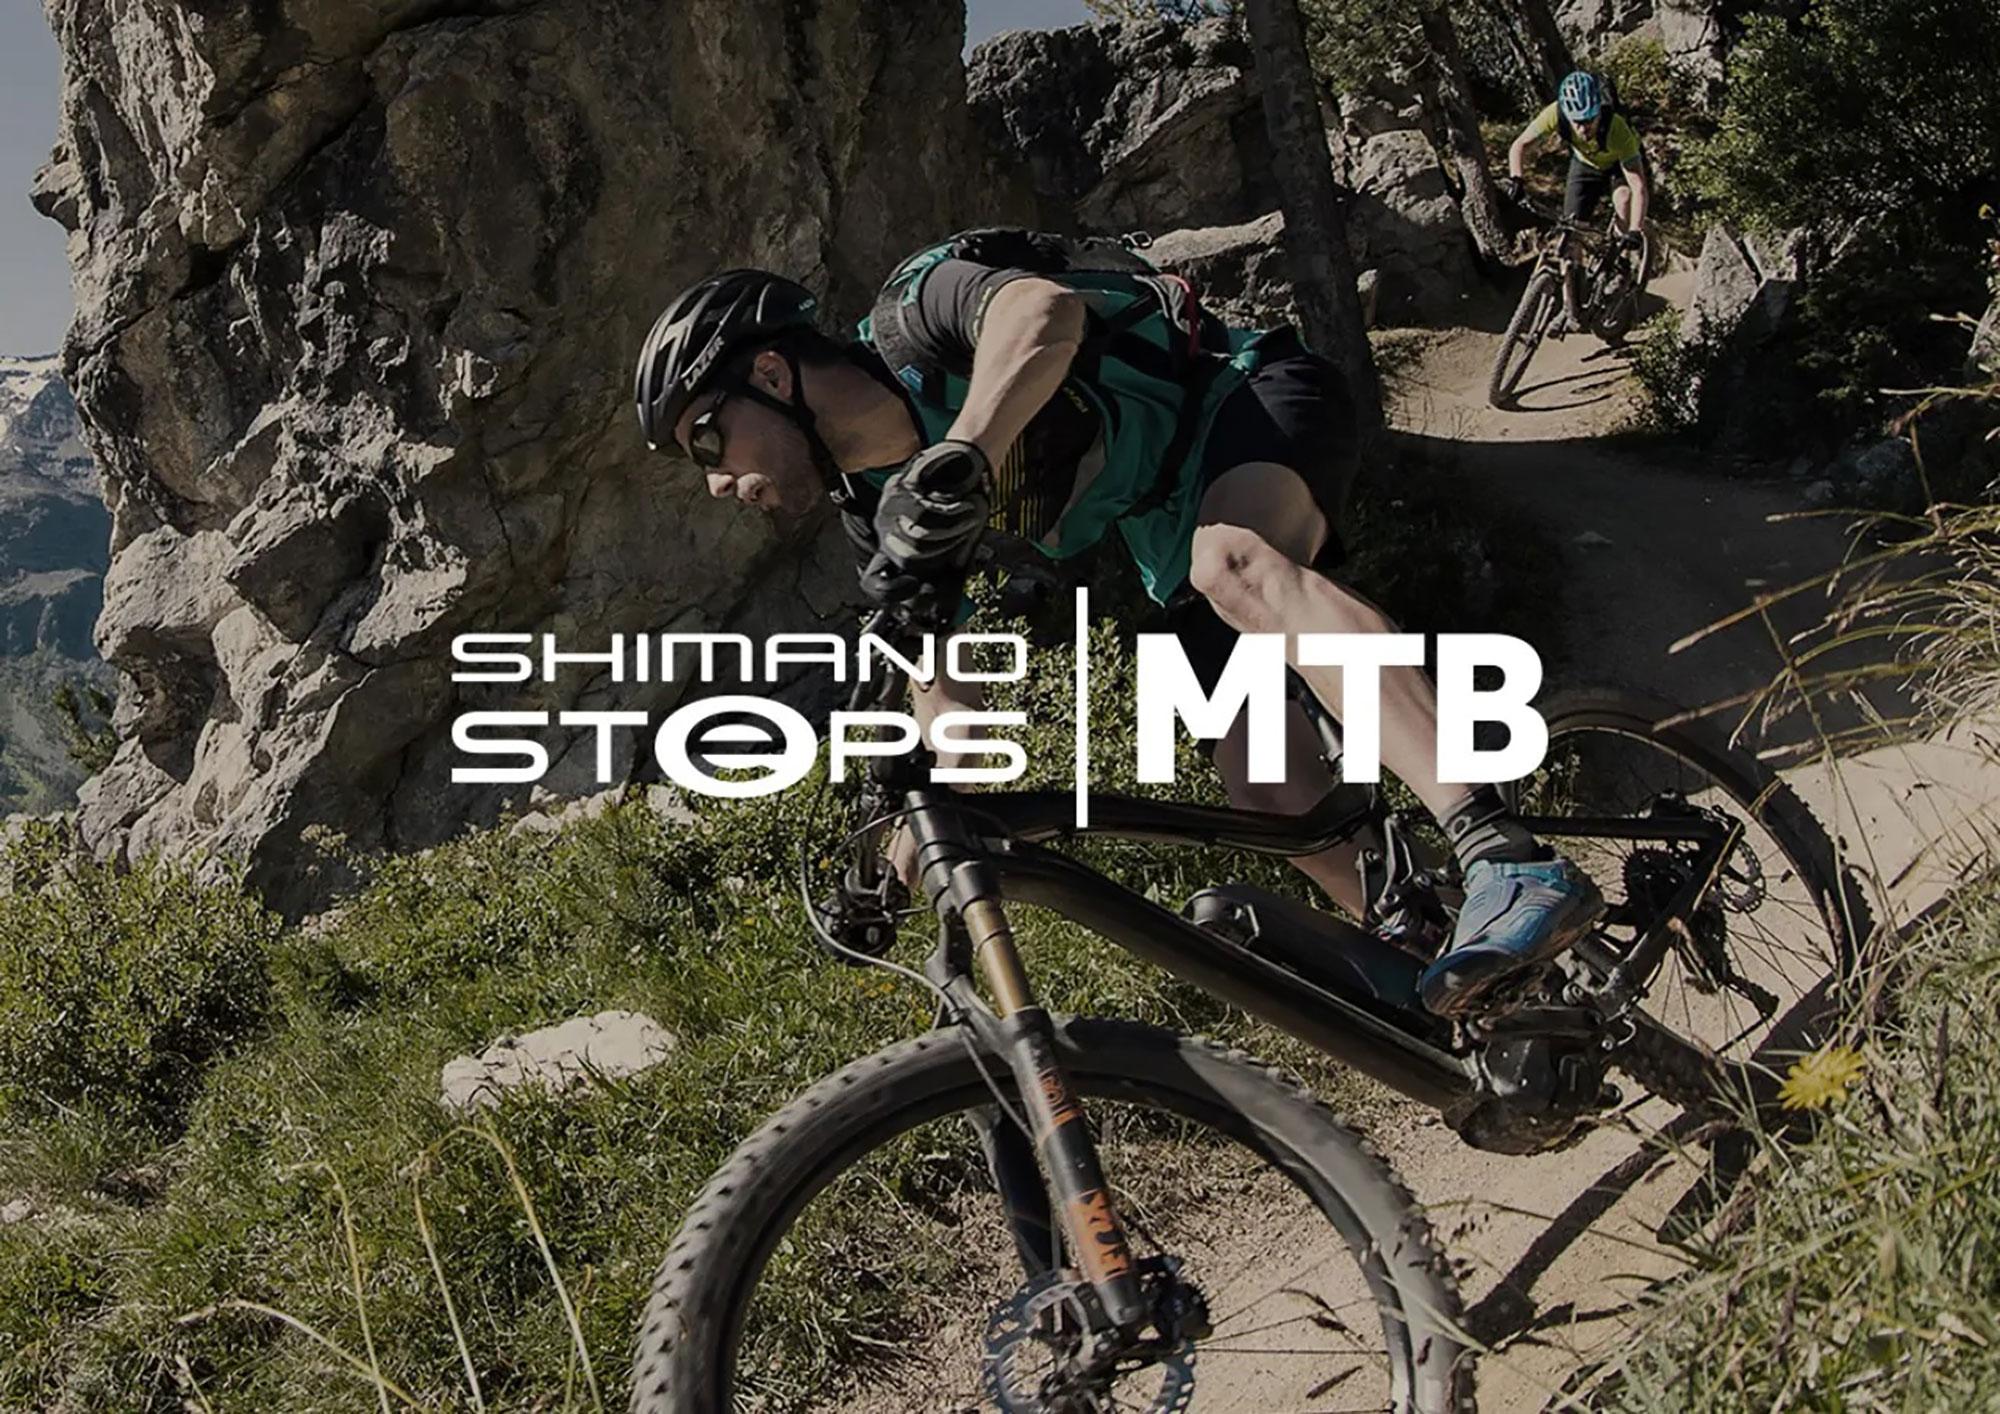 Shimano MTB - BikeLab Salerno - E-Bike Salerno